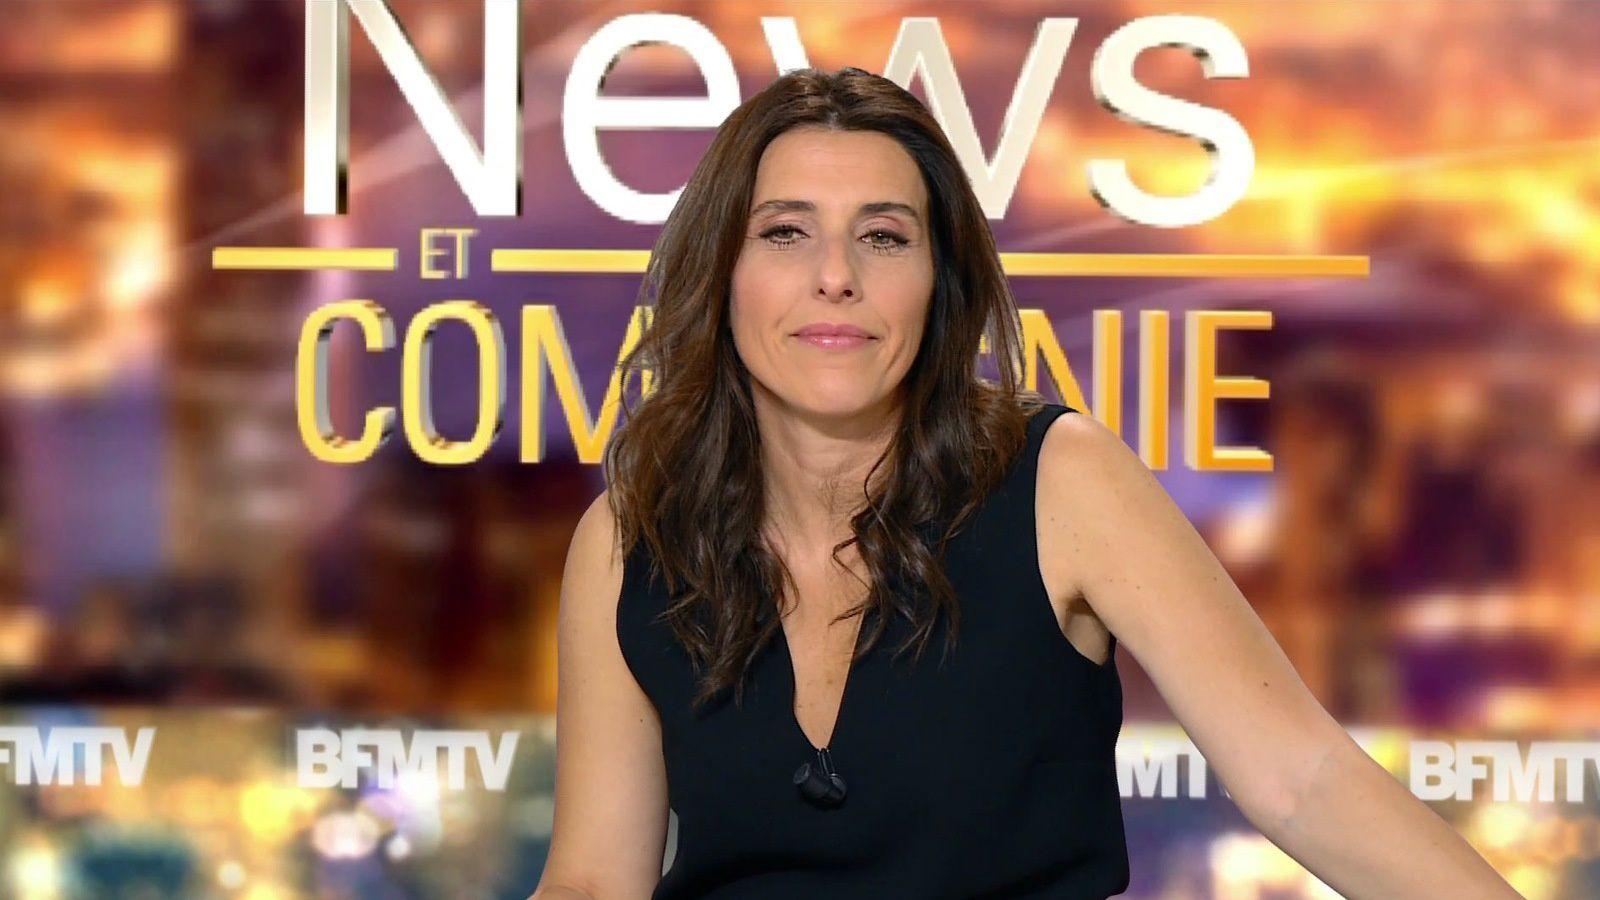 NATHALIE LEVY pour NEWS ET COMPAGNIE le 2016 06 30 sur BFM TV